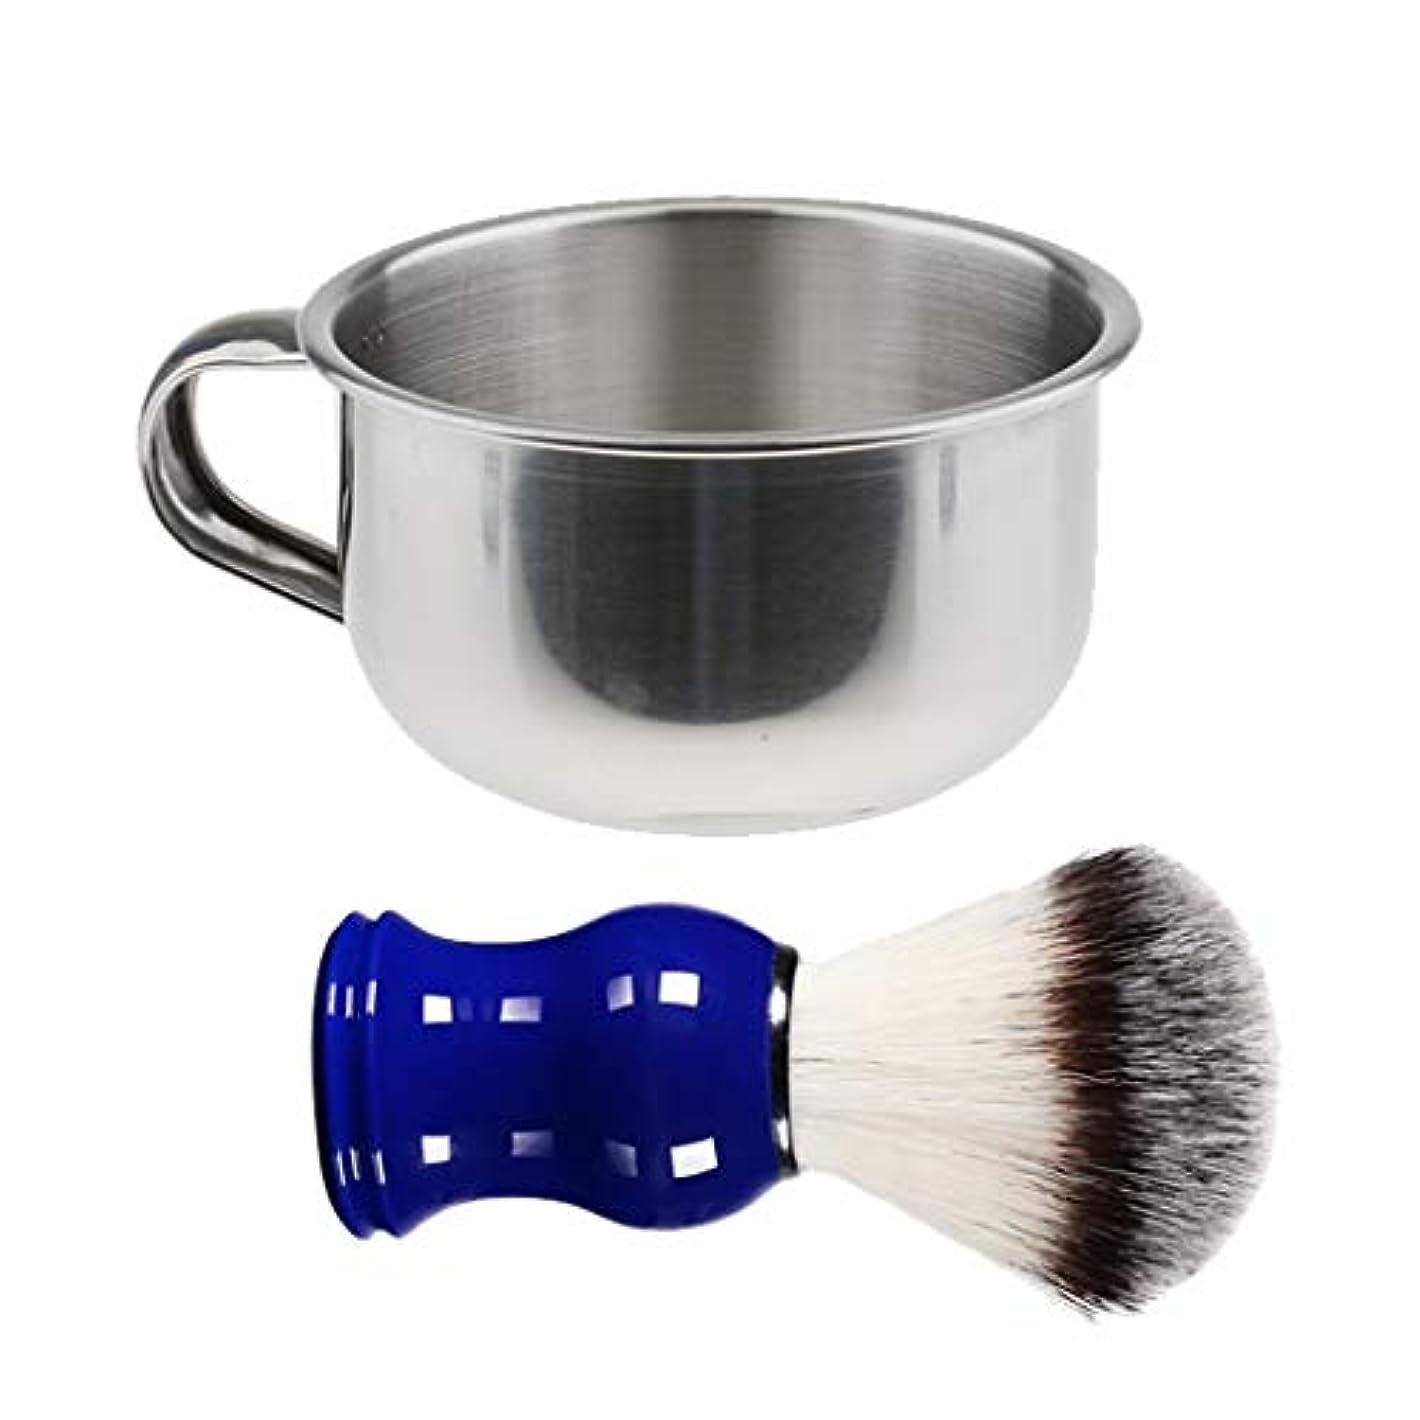 コイル理容室歩道P Prettyia シェービング マグ ボウル カップ メンズ シェービングブラシ 理容 洗顔 髭剃り 泡立ち ギフト